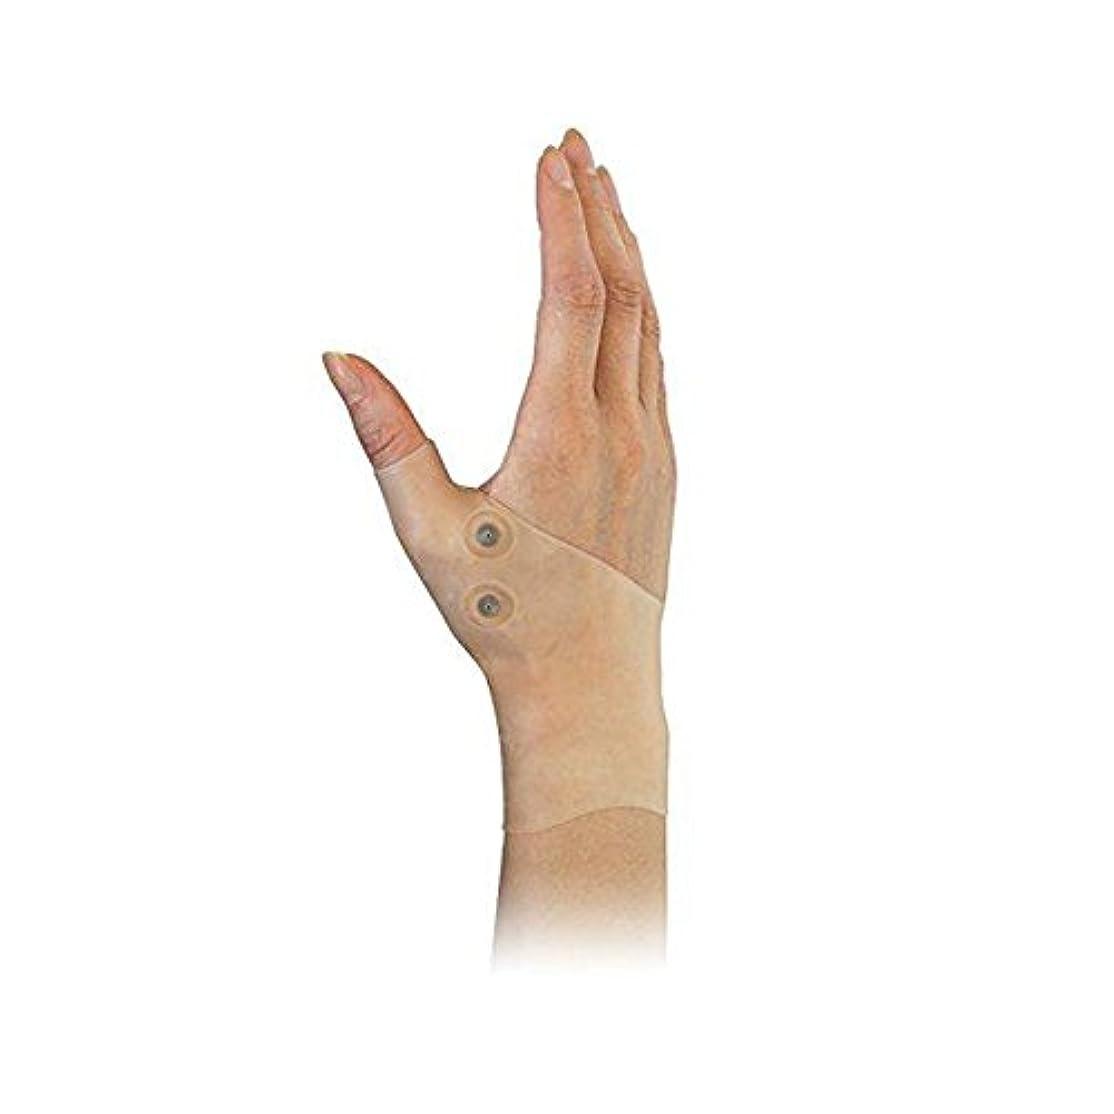 信号巡礼者交通渋滞DOMO 親指サポーター 手首サポーター 肌の色合い 磁気療法 シリコーン素材 手首ブレース 保護 弾性 洗える 捻挫 腱鞘炎 タイピング 手首と親指の痛み リウマチ 関節炎用 男女兼用